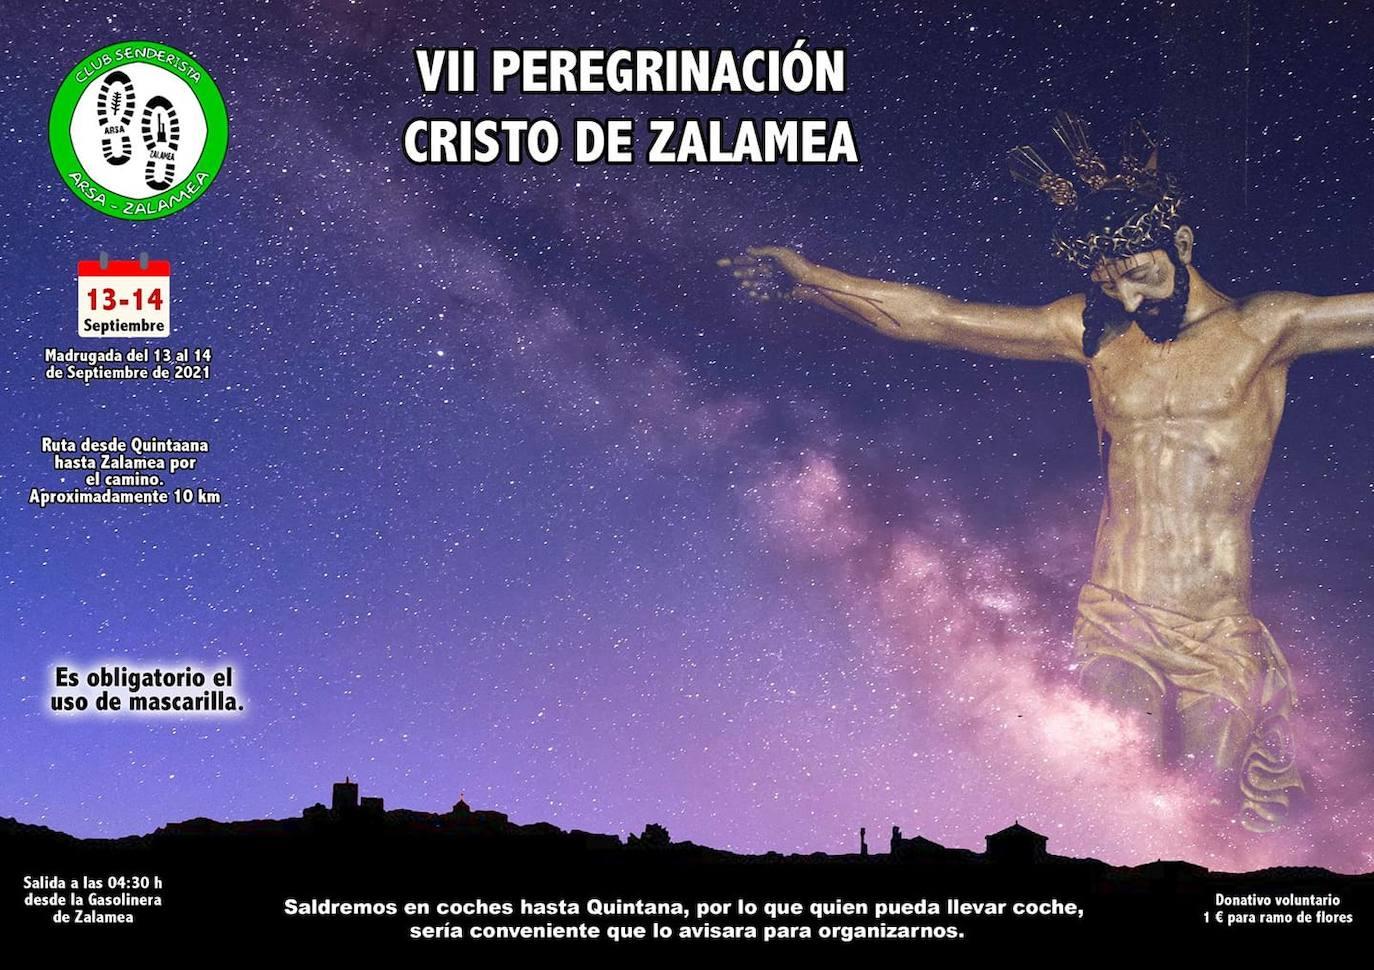 El Club Senderista Arsa-Zalamea organiza la VII Peregrinación al Cristo de Zalamea